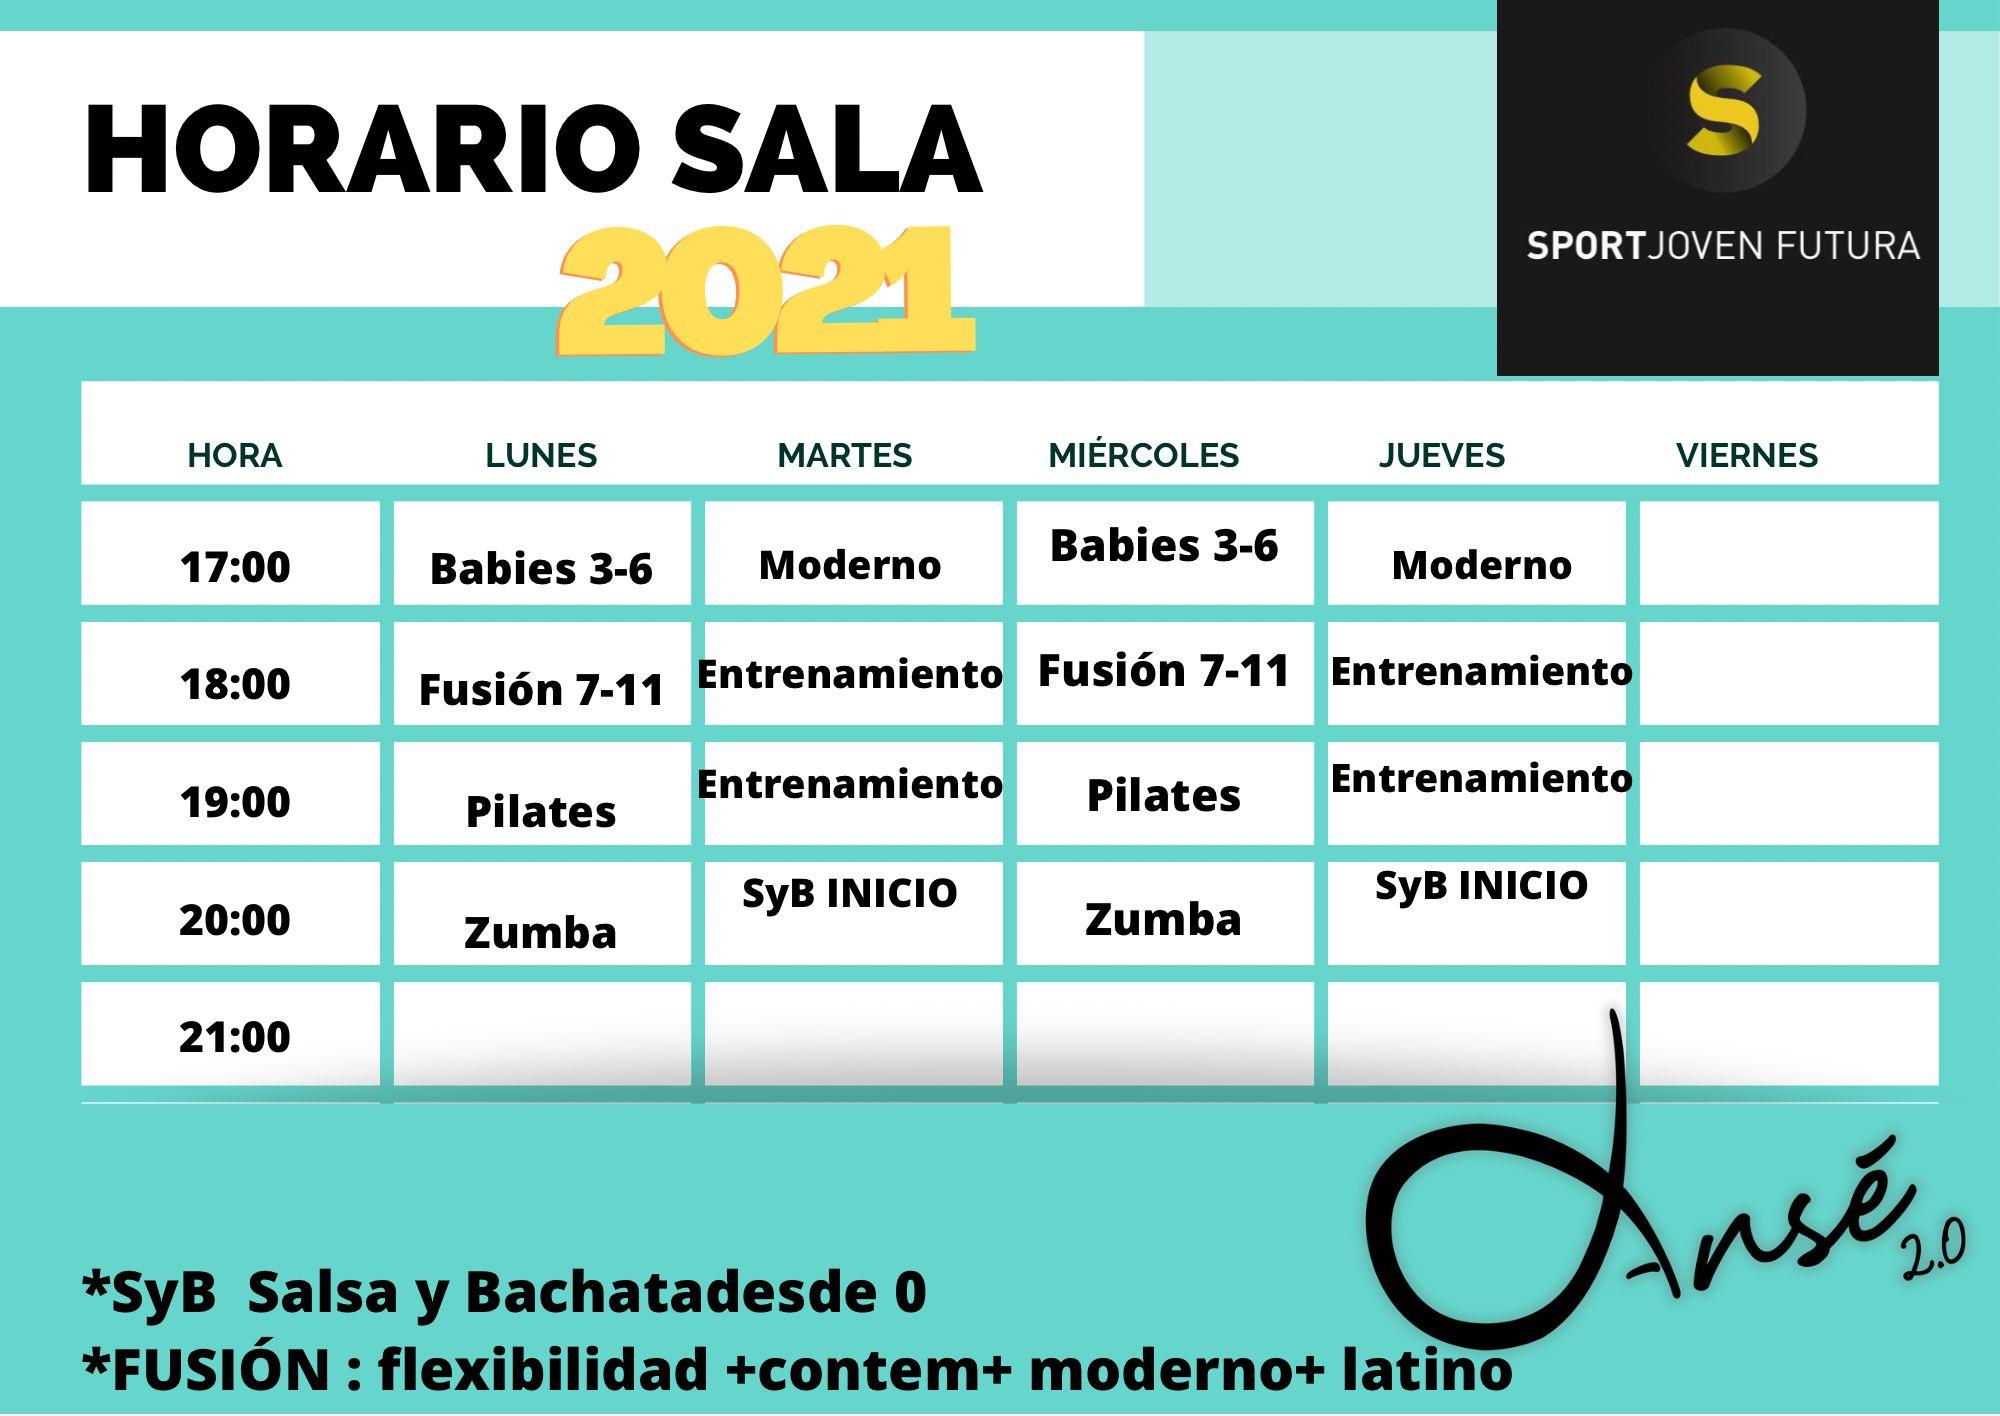 2021-02-23 Horarios Sala Centro Deportivo Sport Joven Futura 2021